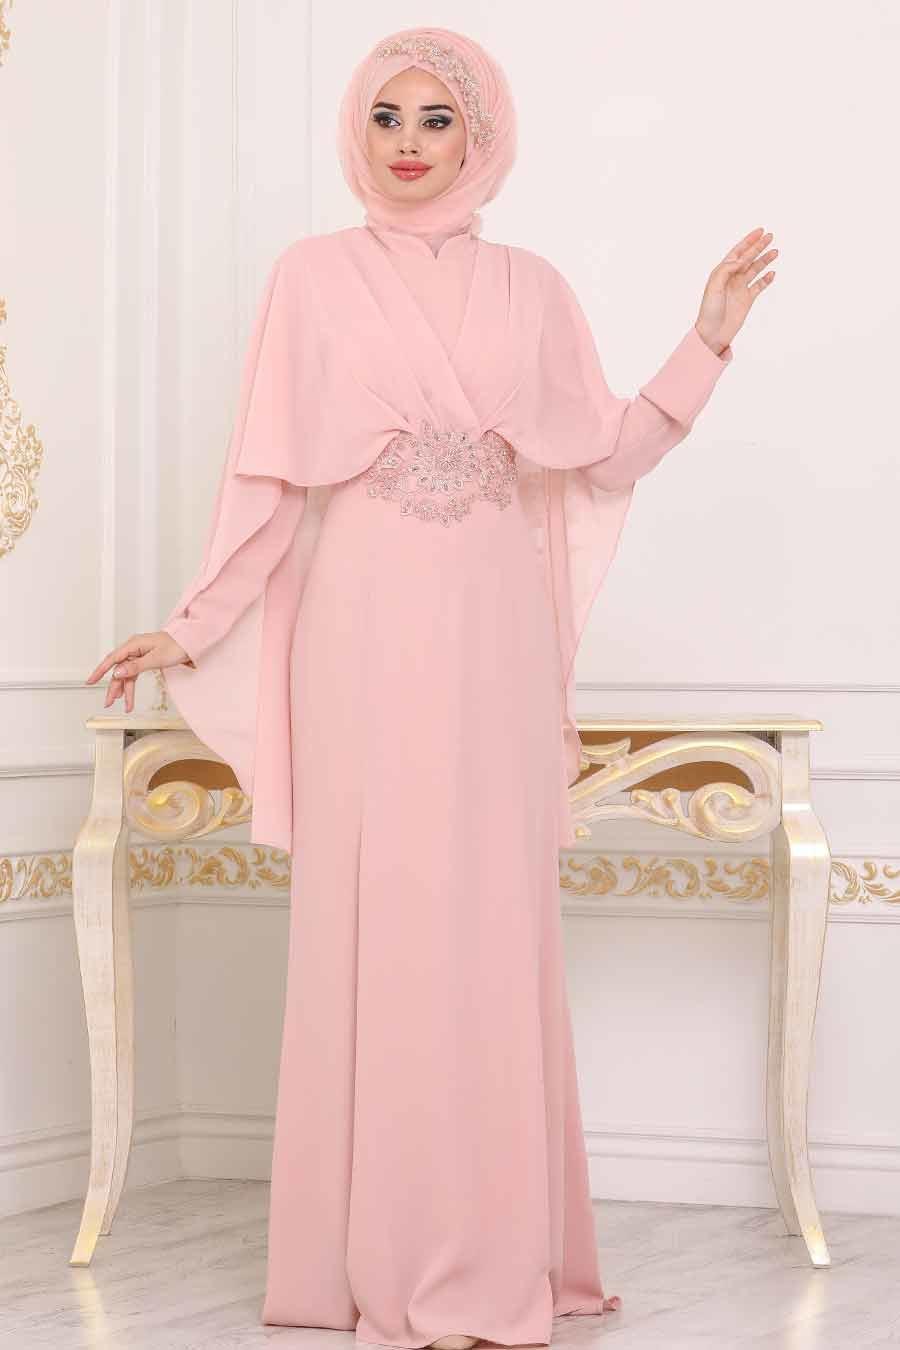 Tesettürlü Abiye Elbise - Dantel Detaylı Pudra Tesettür Abiye Elbise 39170PD